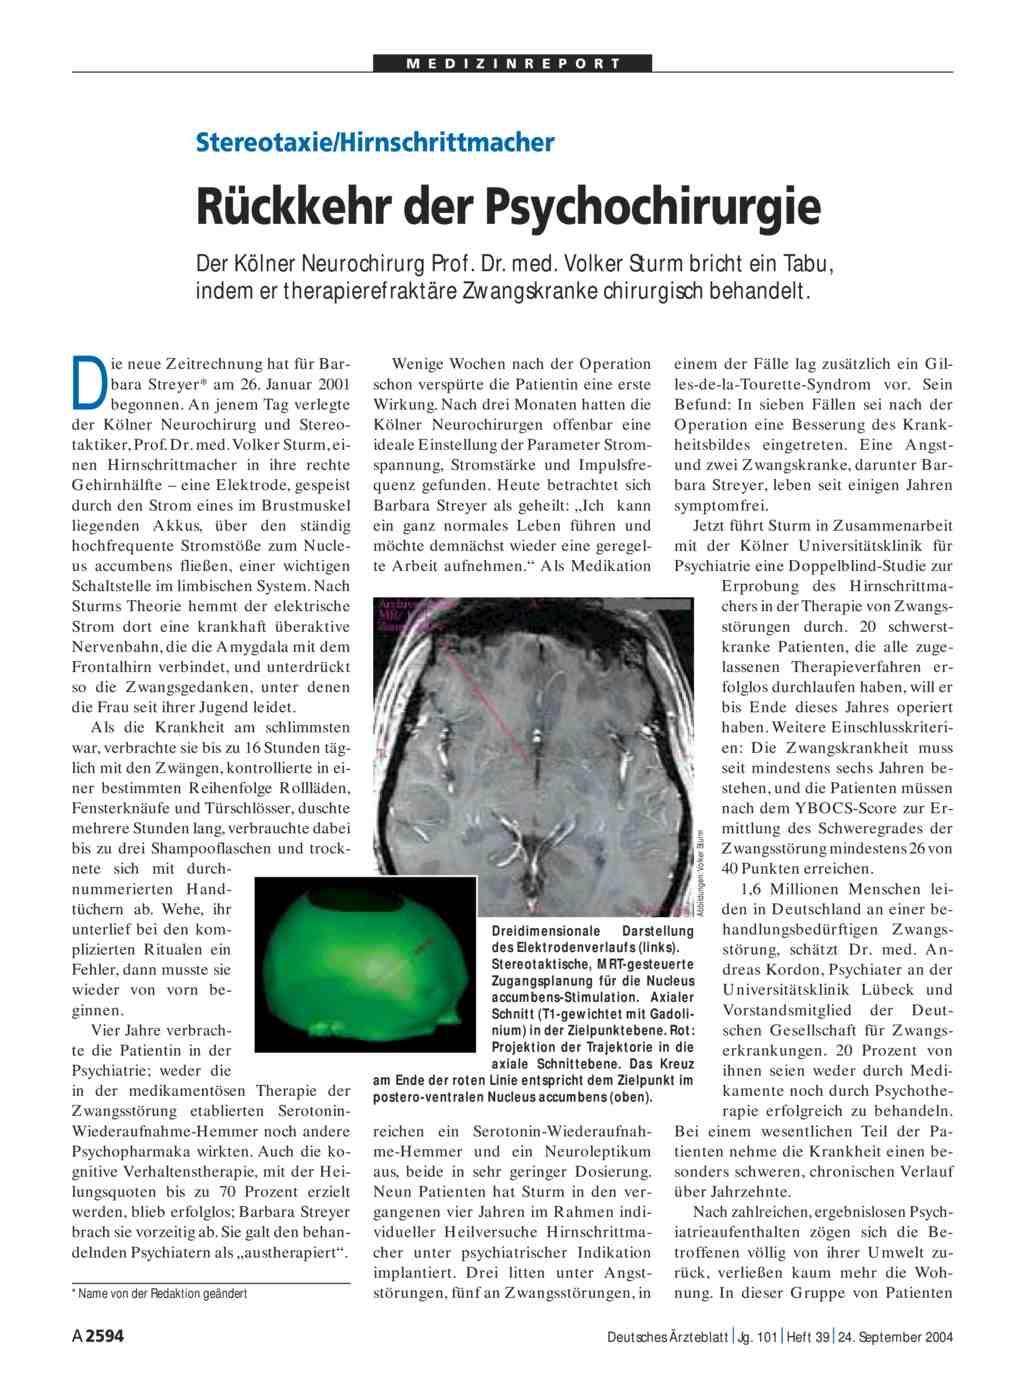 Stereotaxiehirnschrittmacher Rückkehr Der Psychochirurgie